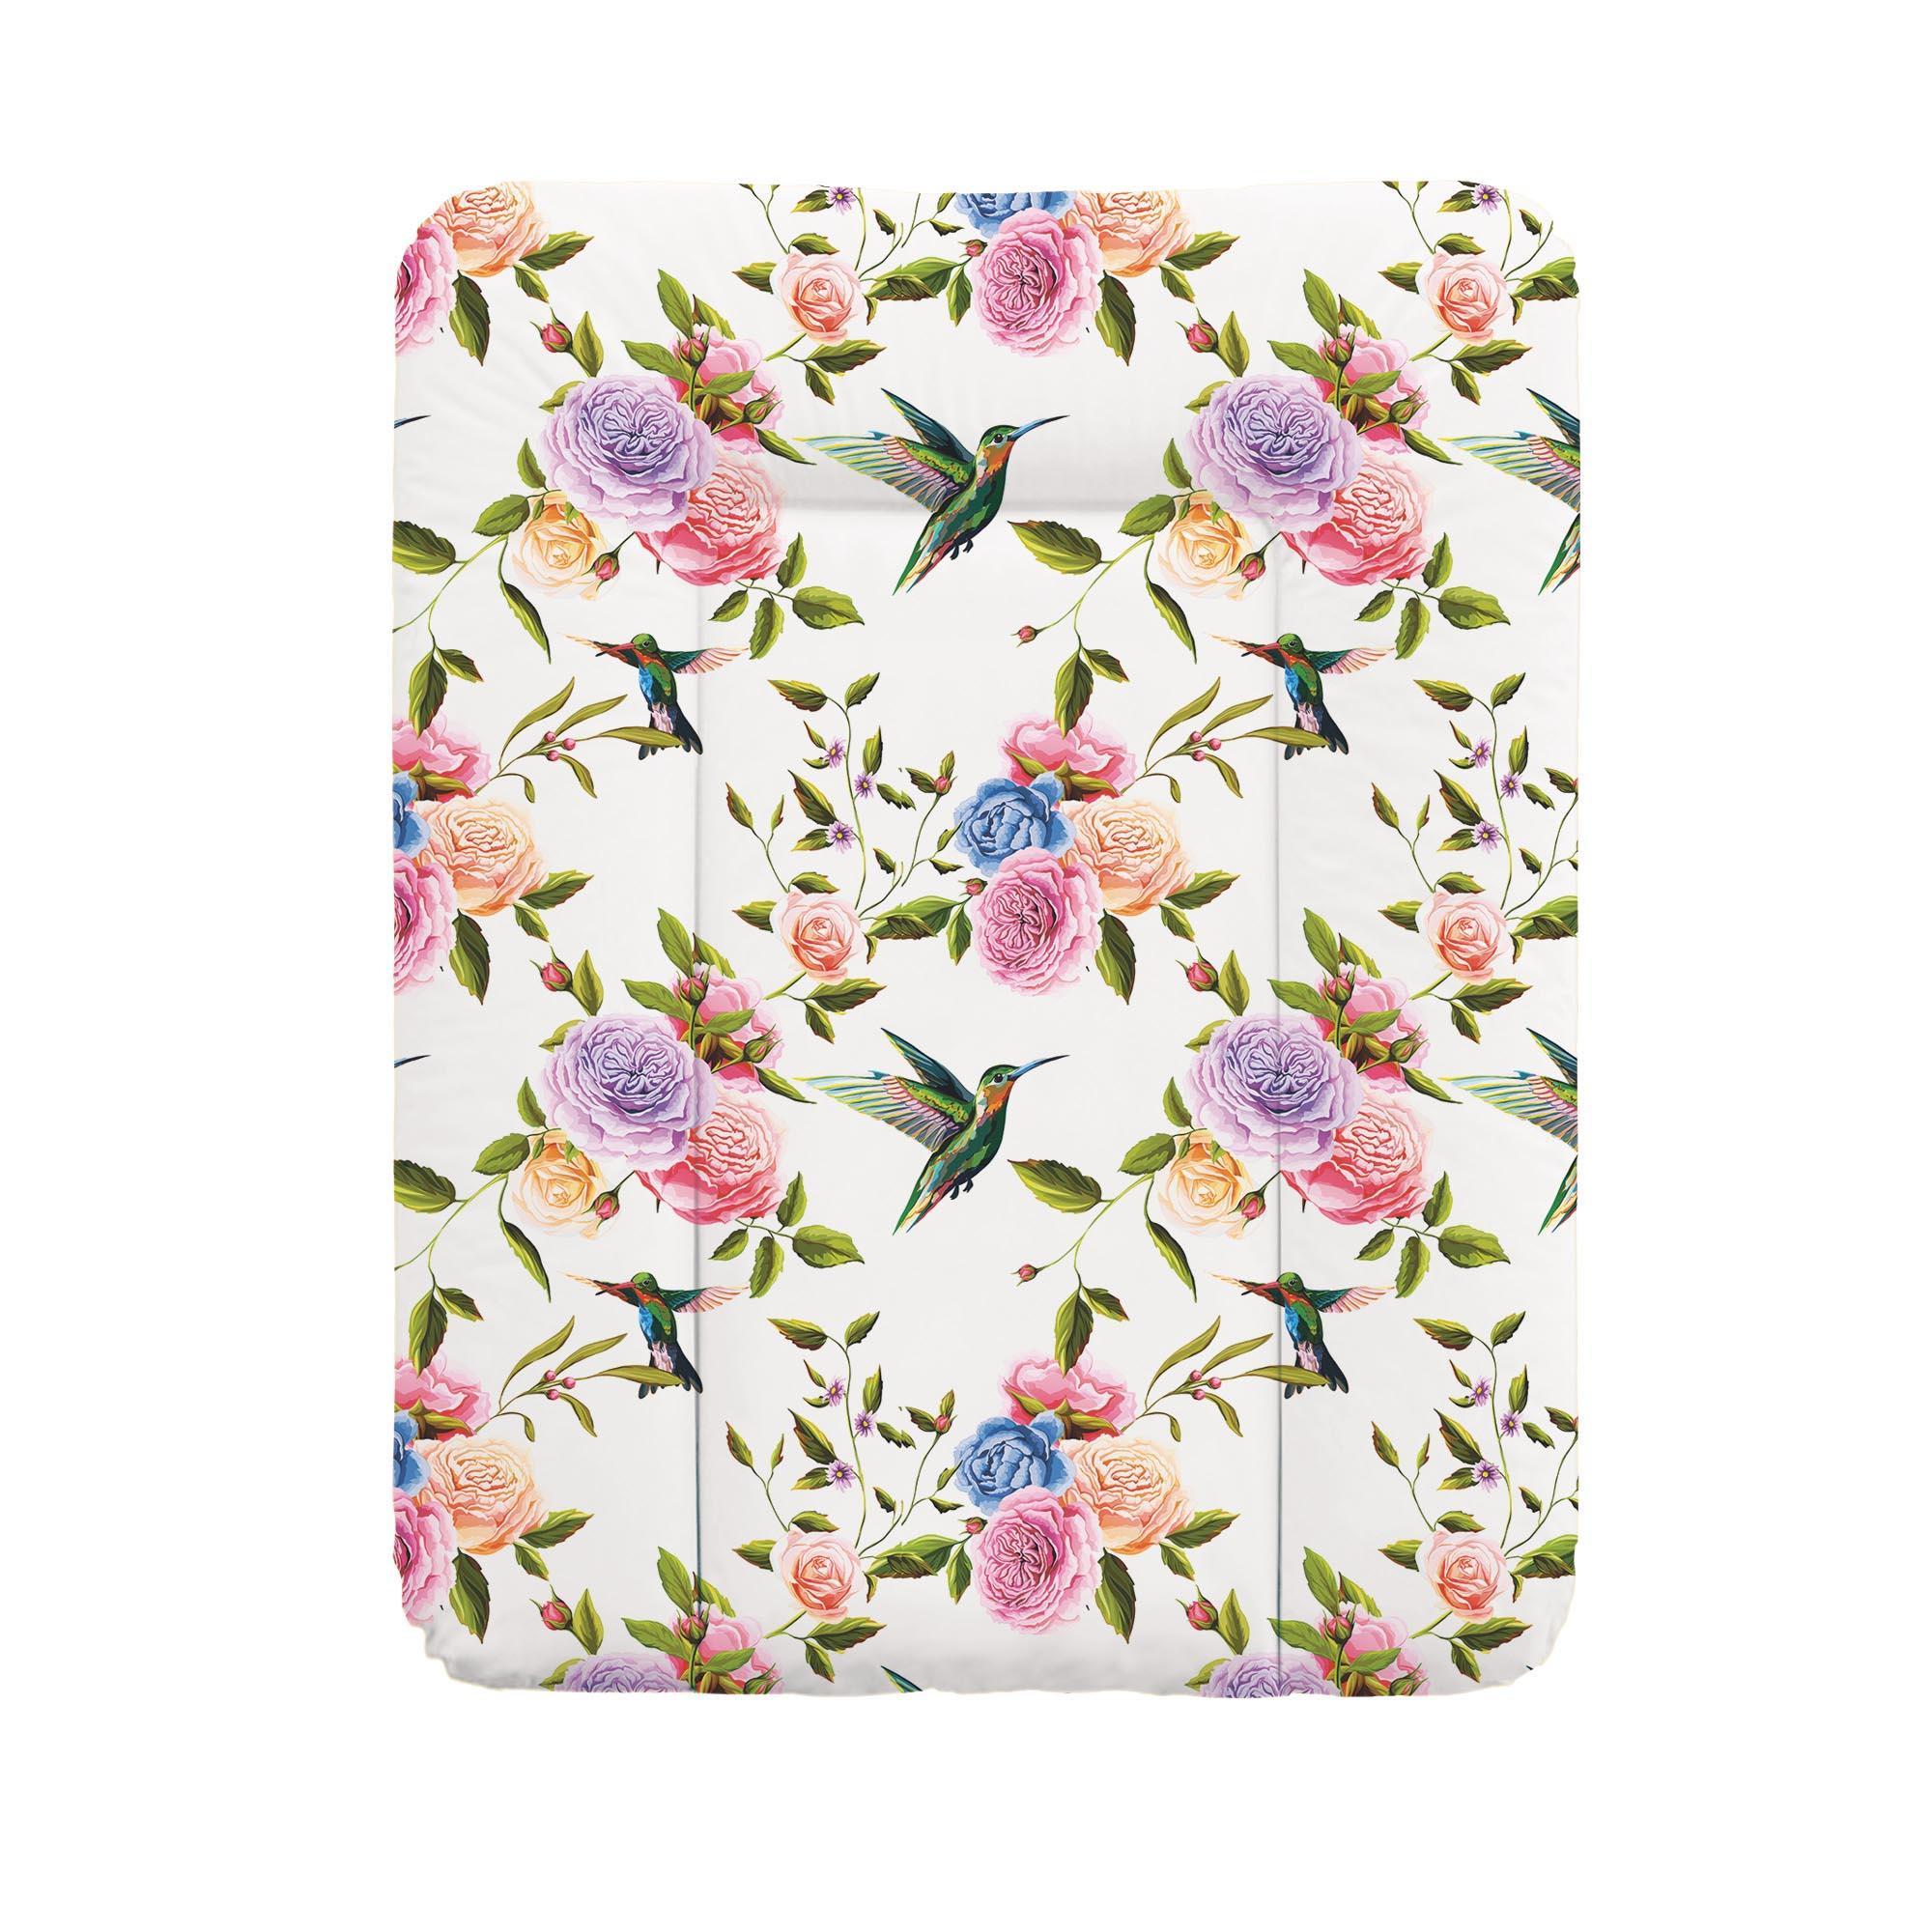 Podložka prebaľovacia na komodu 50x70 cm Flora & Fauna Flores Ceba